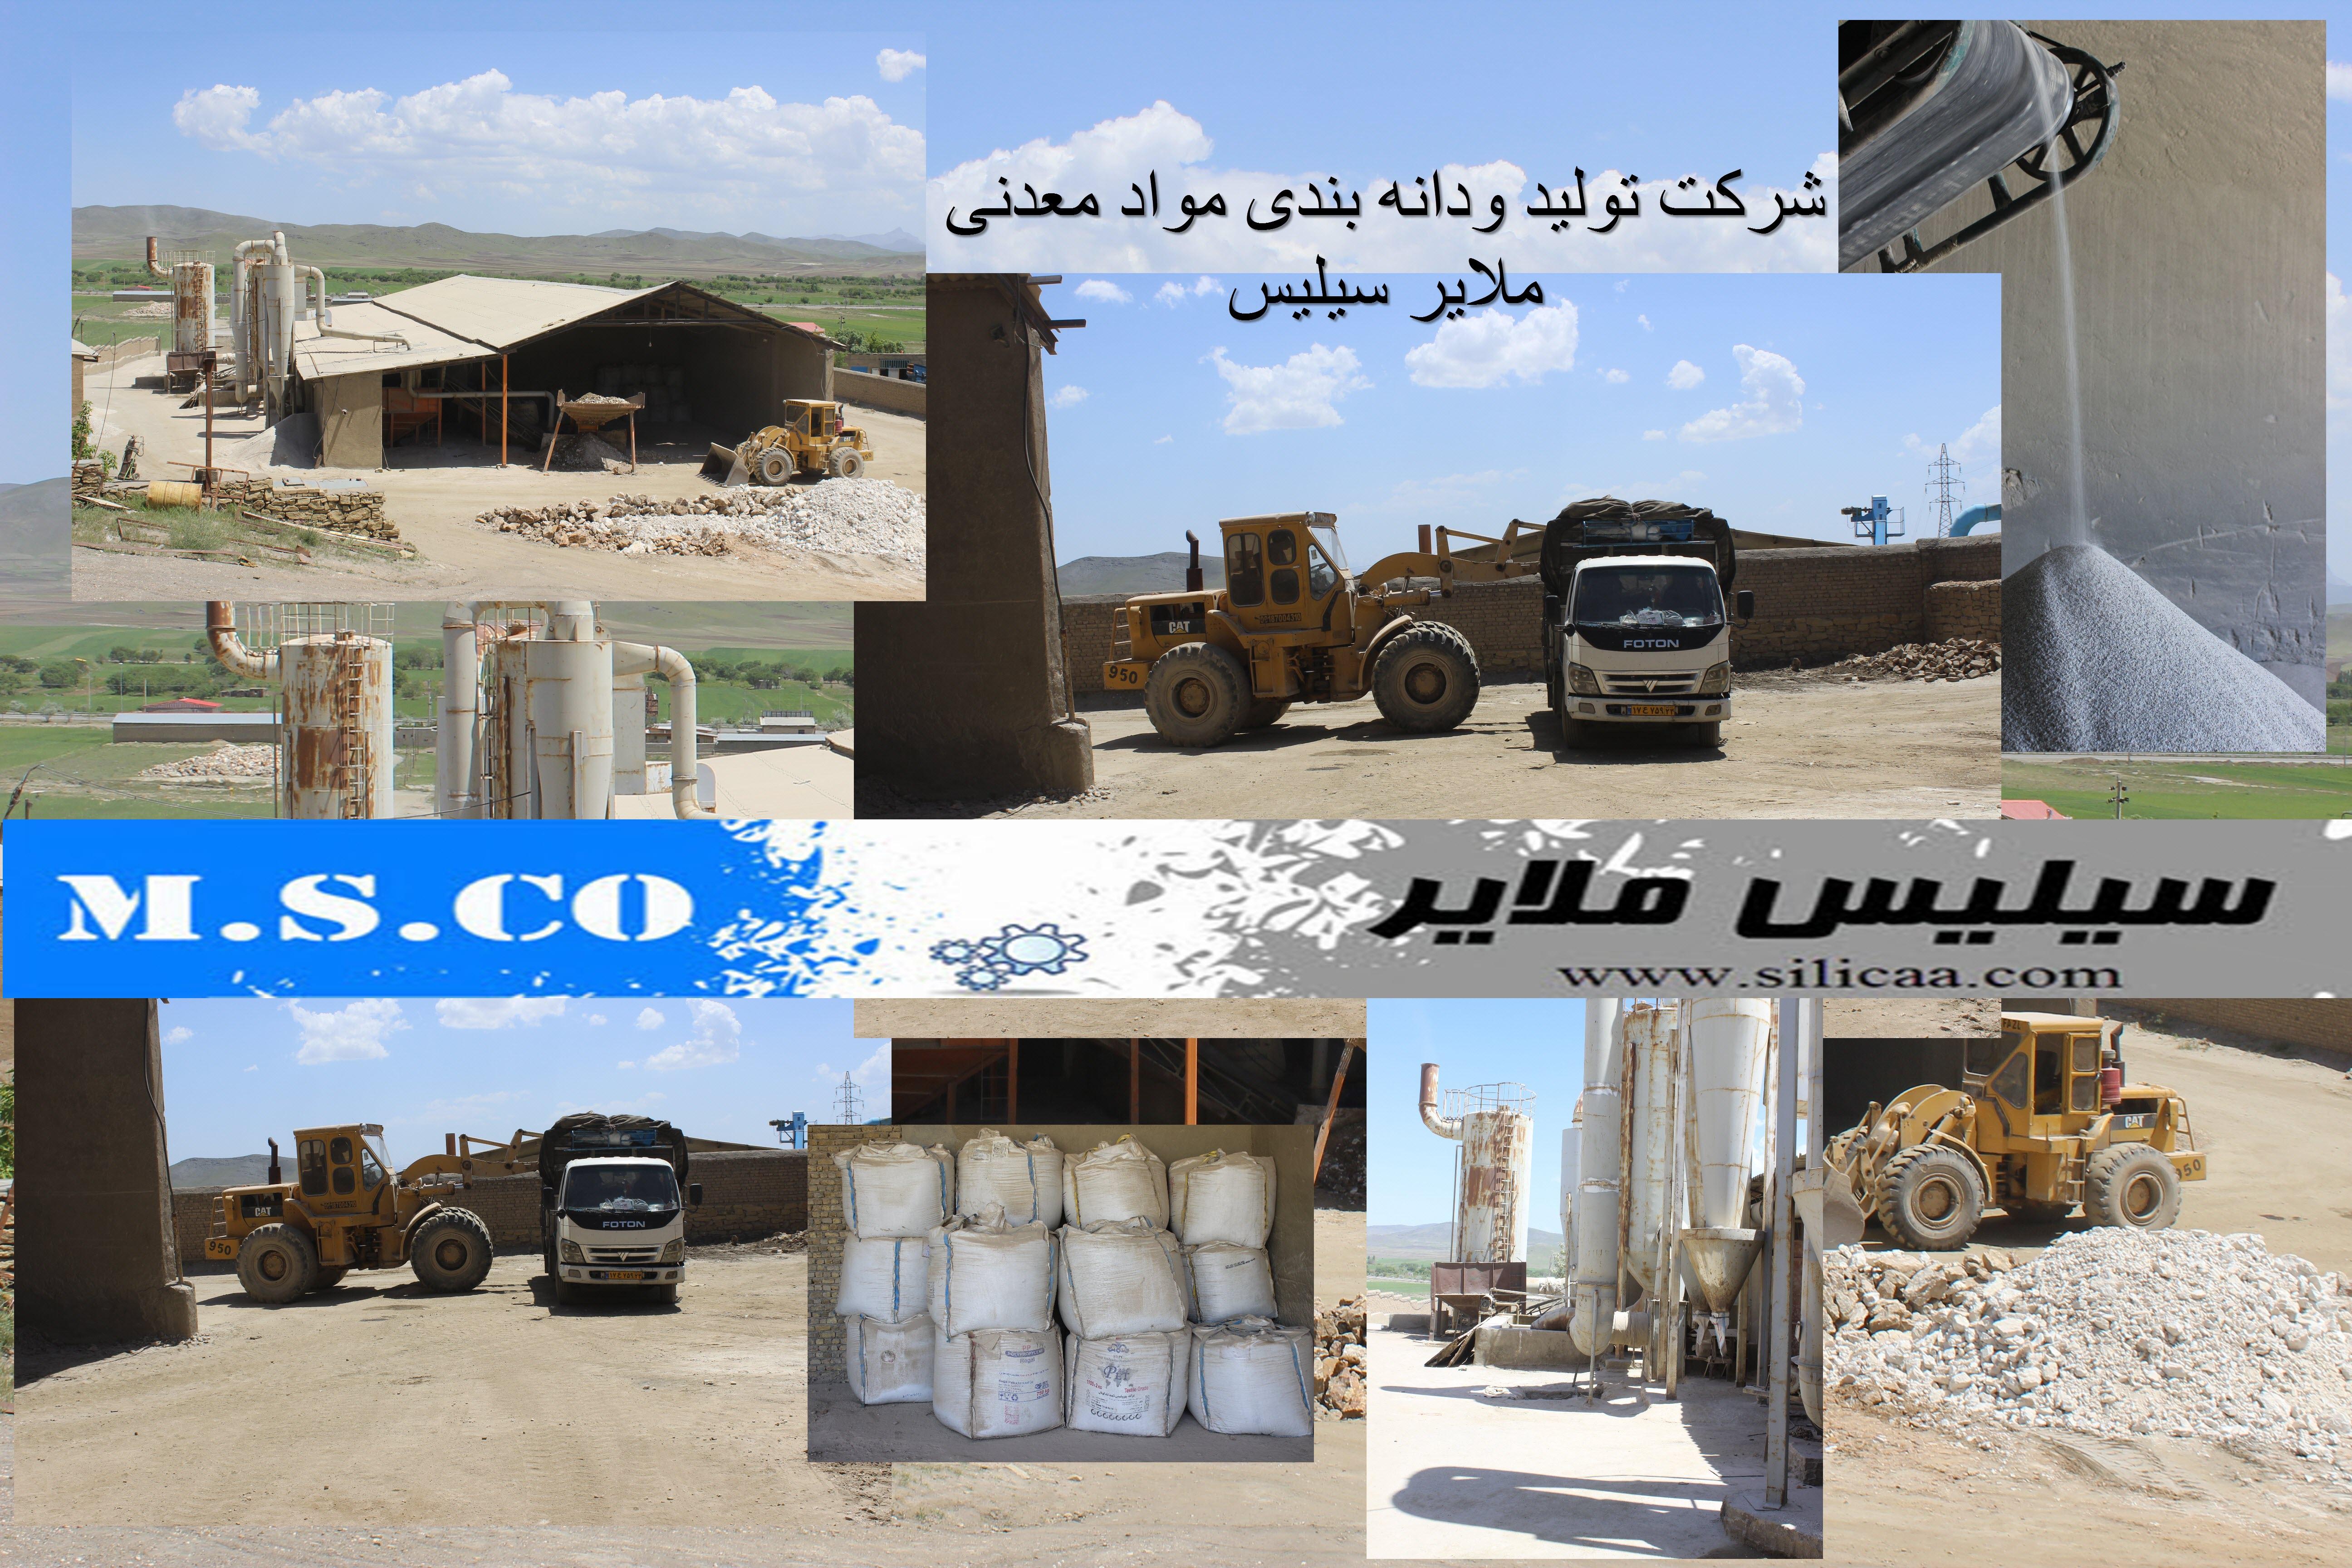 شرکت مواد معدنی ملایر سیلیس